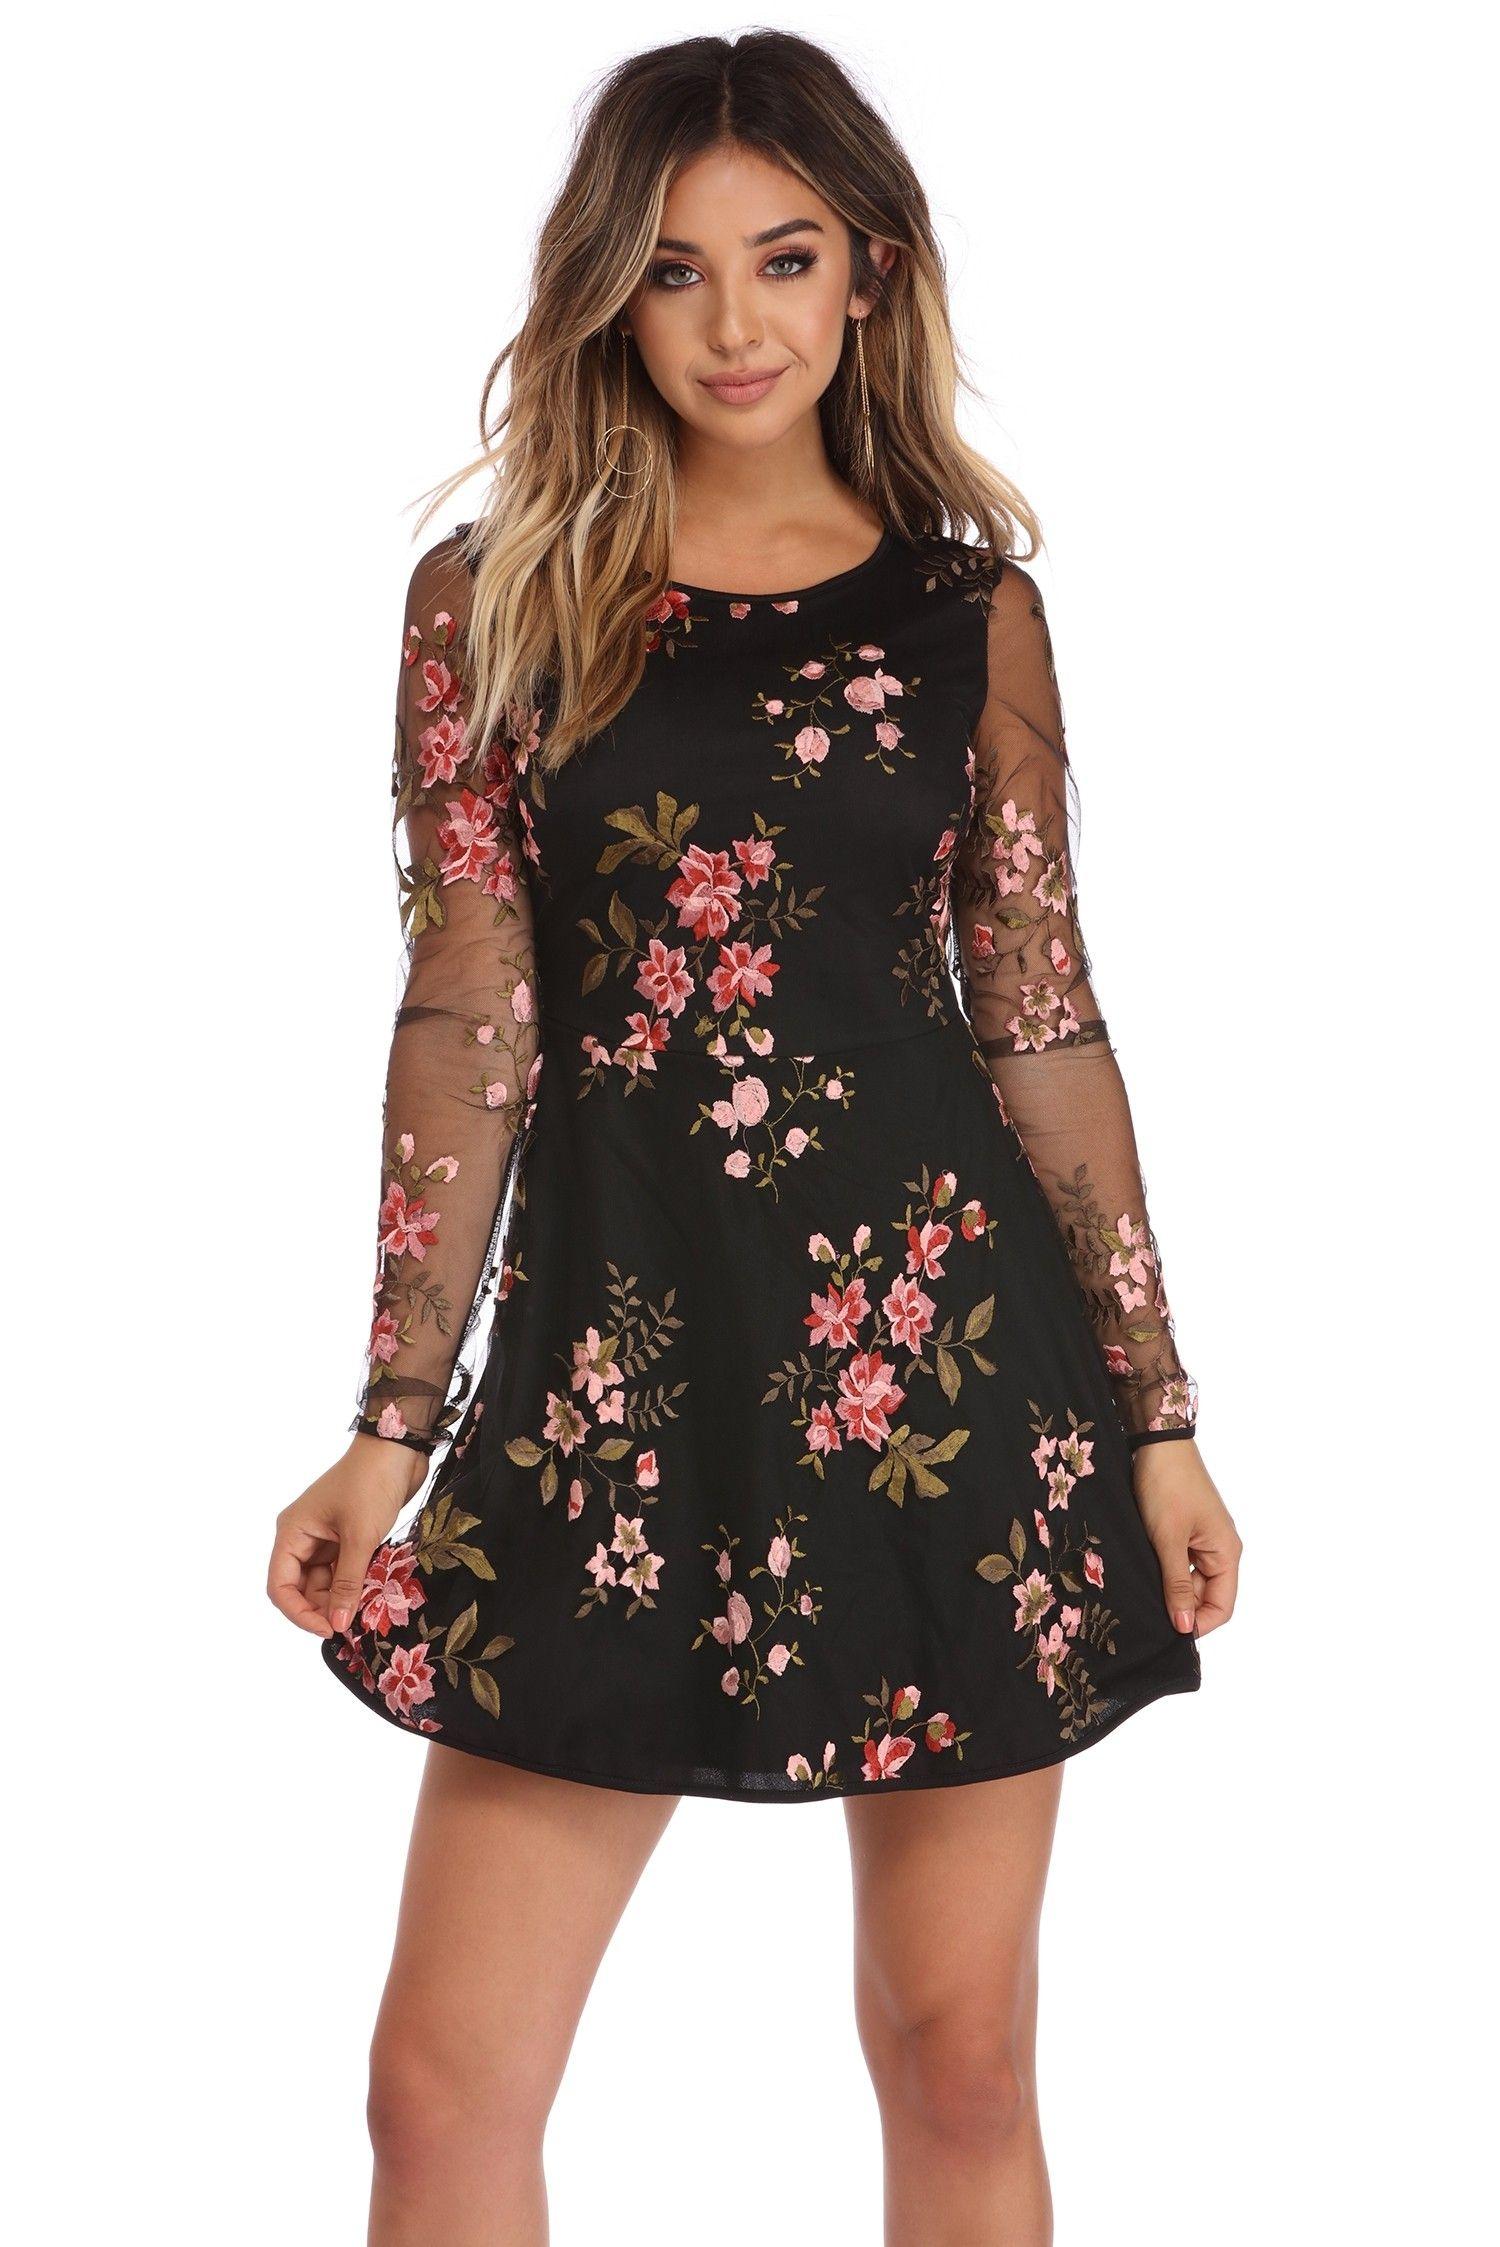 2c2955f5d36 Leah Negro vestido de malla Emborderied Floral Homecoming Dresses